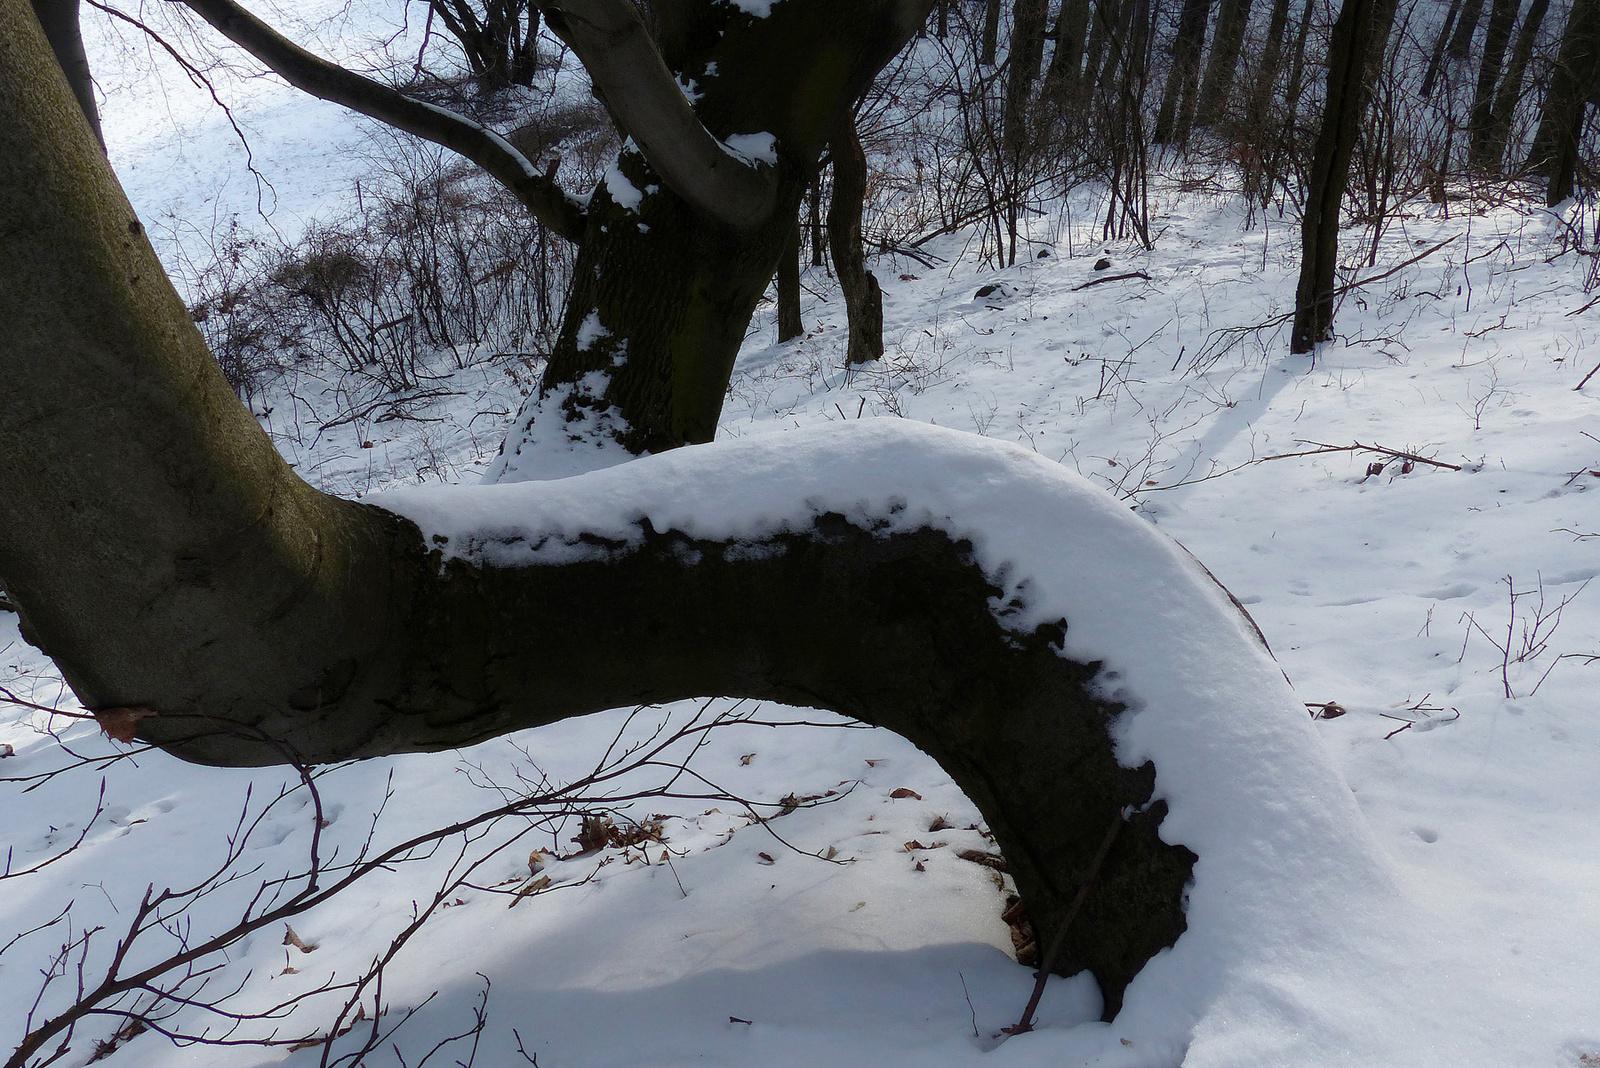 002 A békés erdő II.